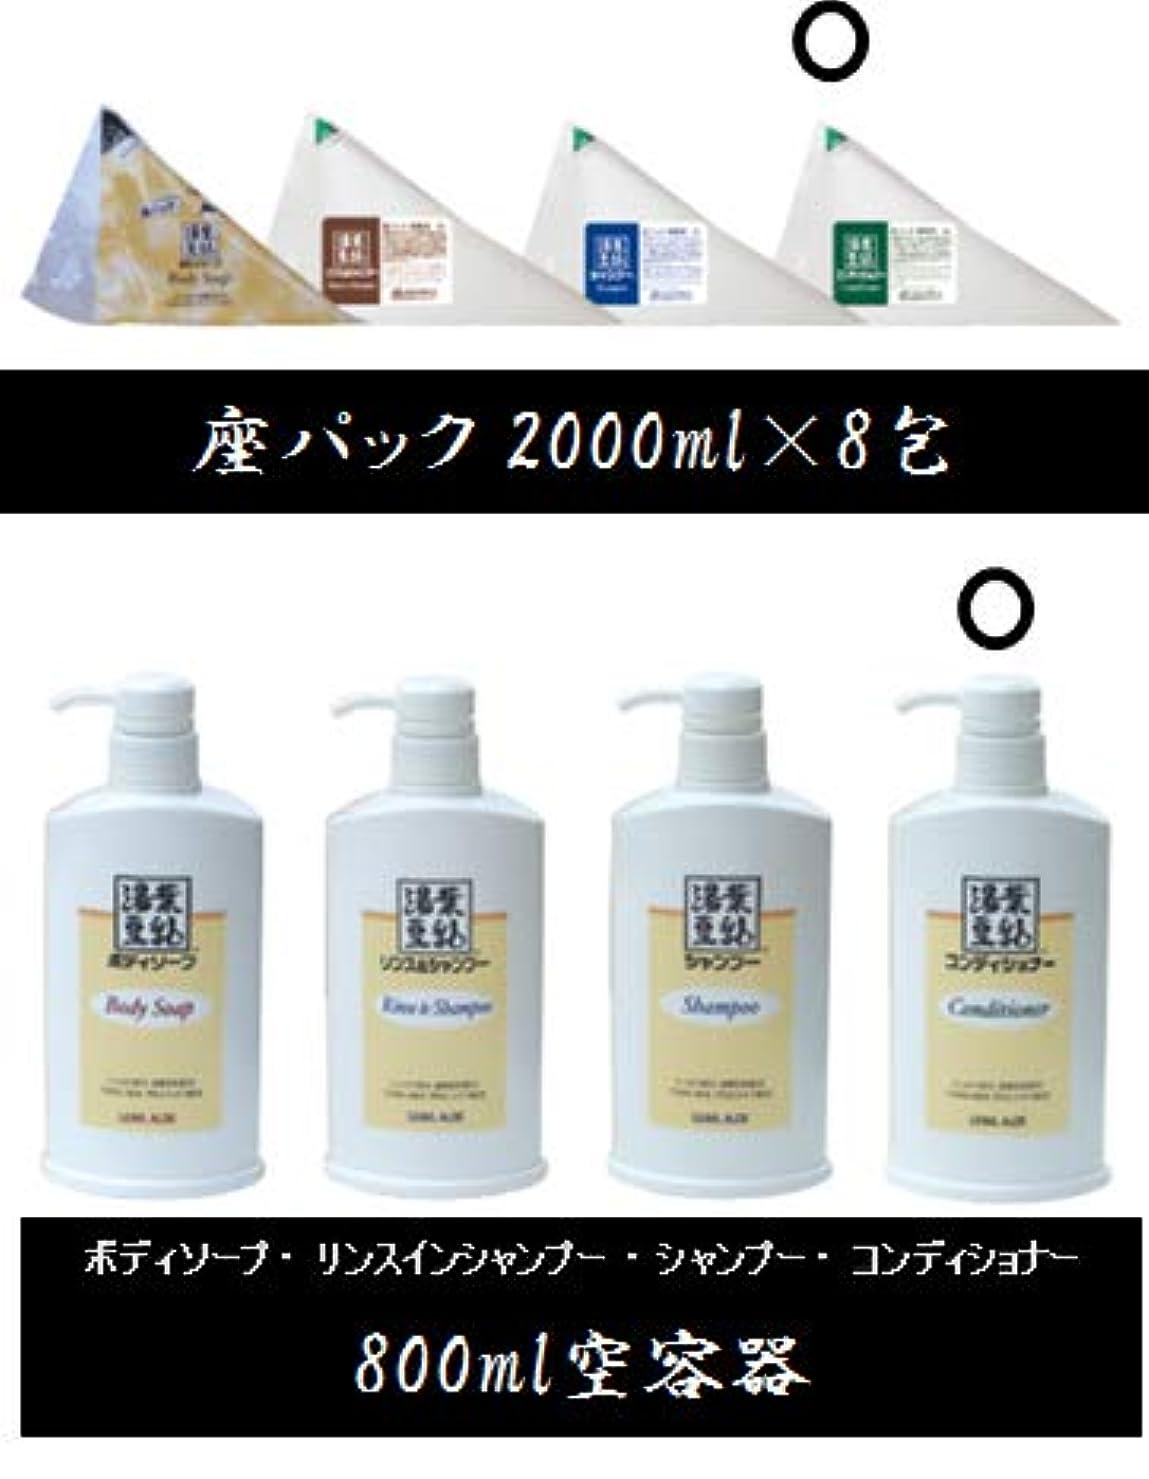 採用成り立つおかしいフタバ化学 湯葉豆乳コンディショナー 16L詰め替え(2Lパック×8包) 800ml空容器付